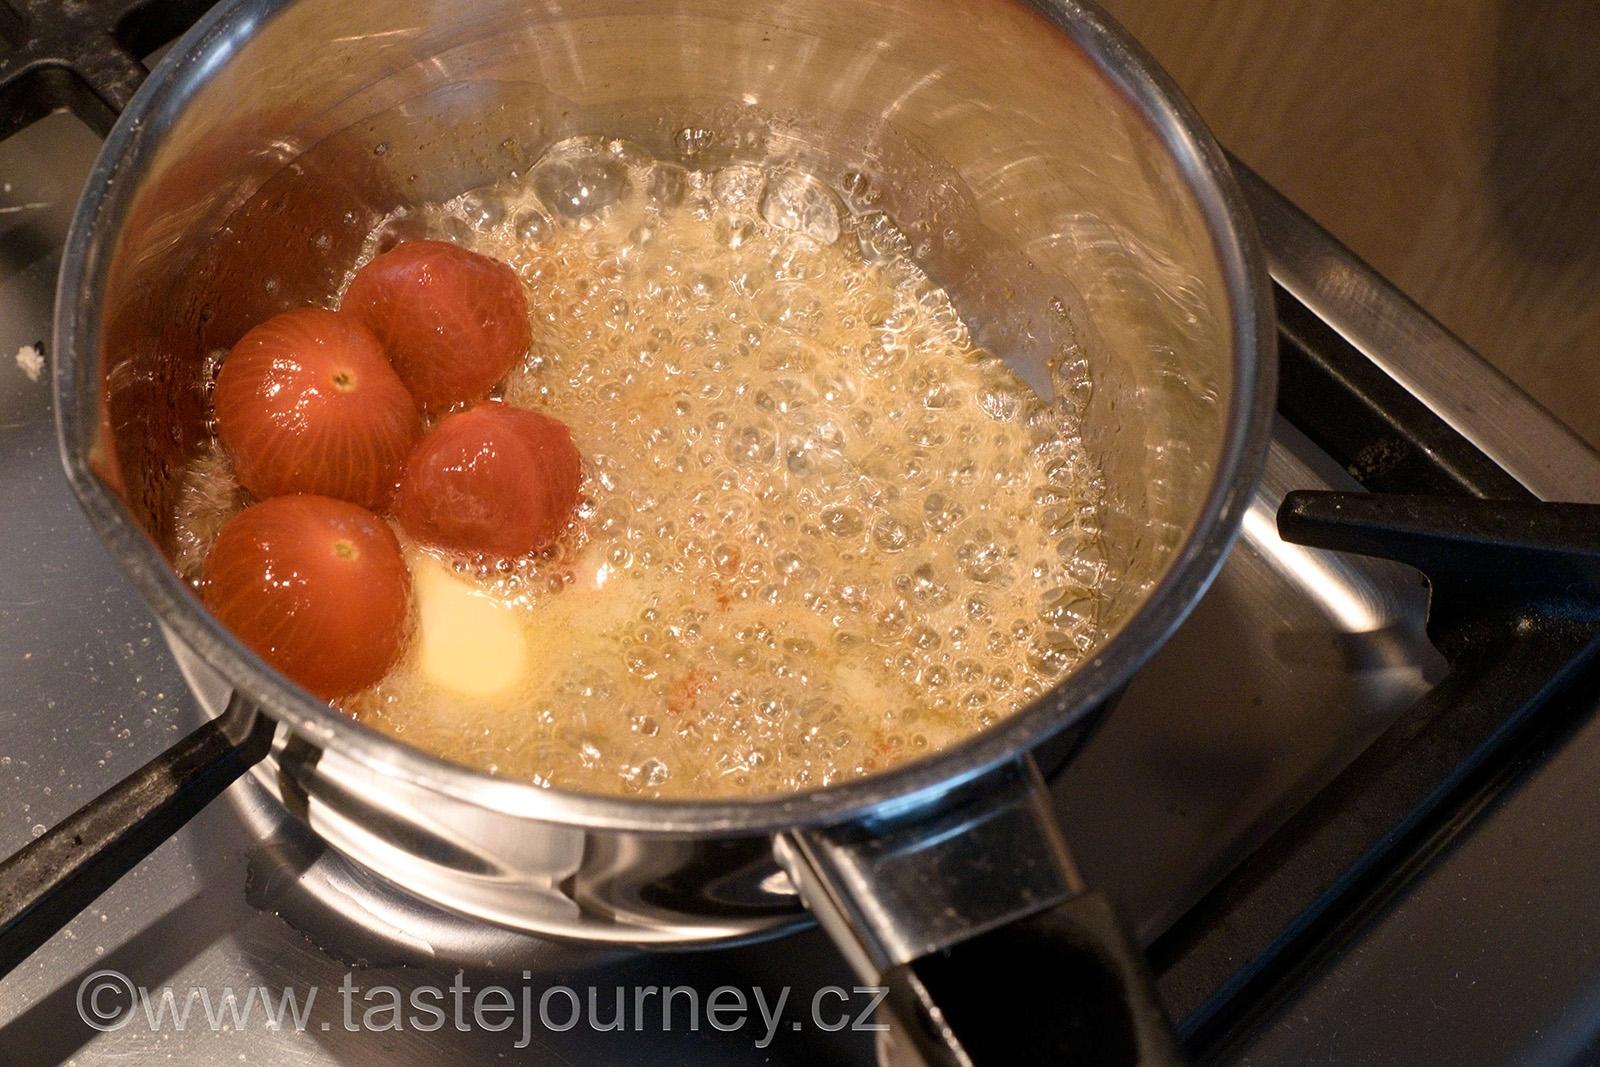 Medové ochucení rajčat s přidáním másla